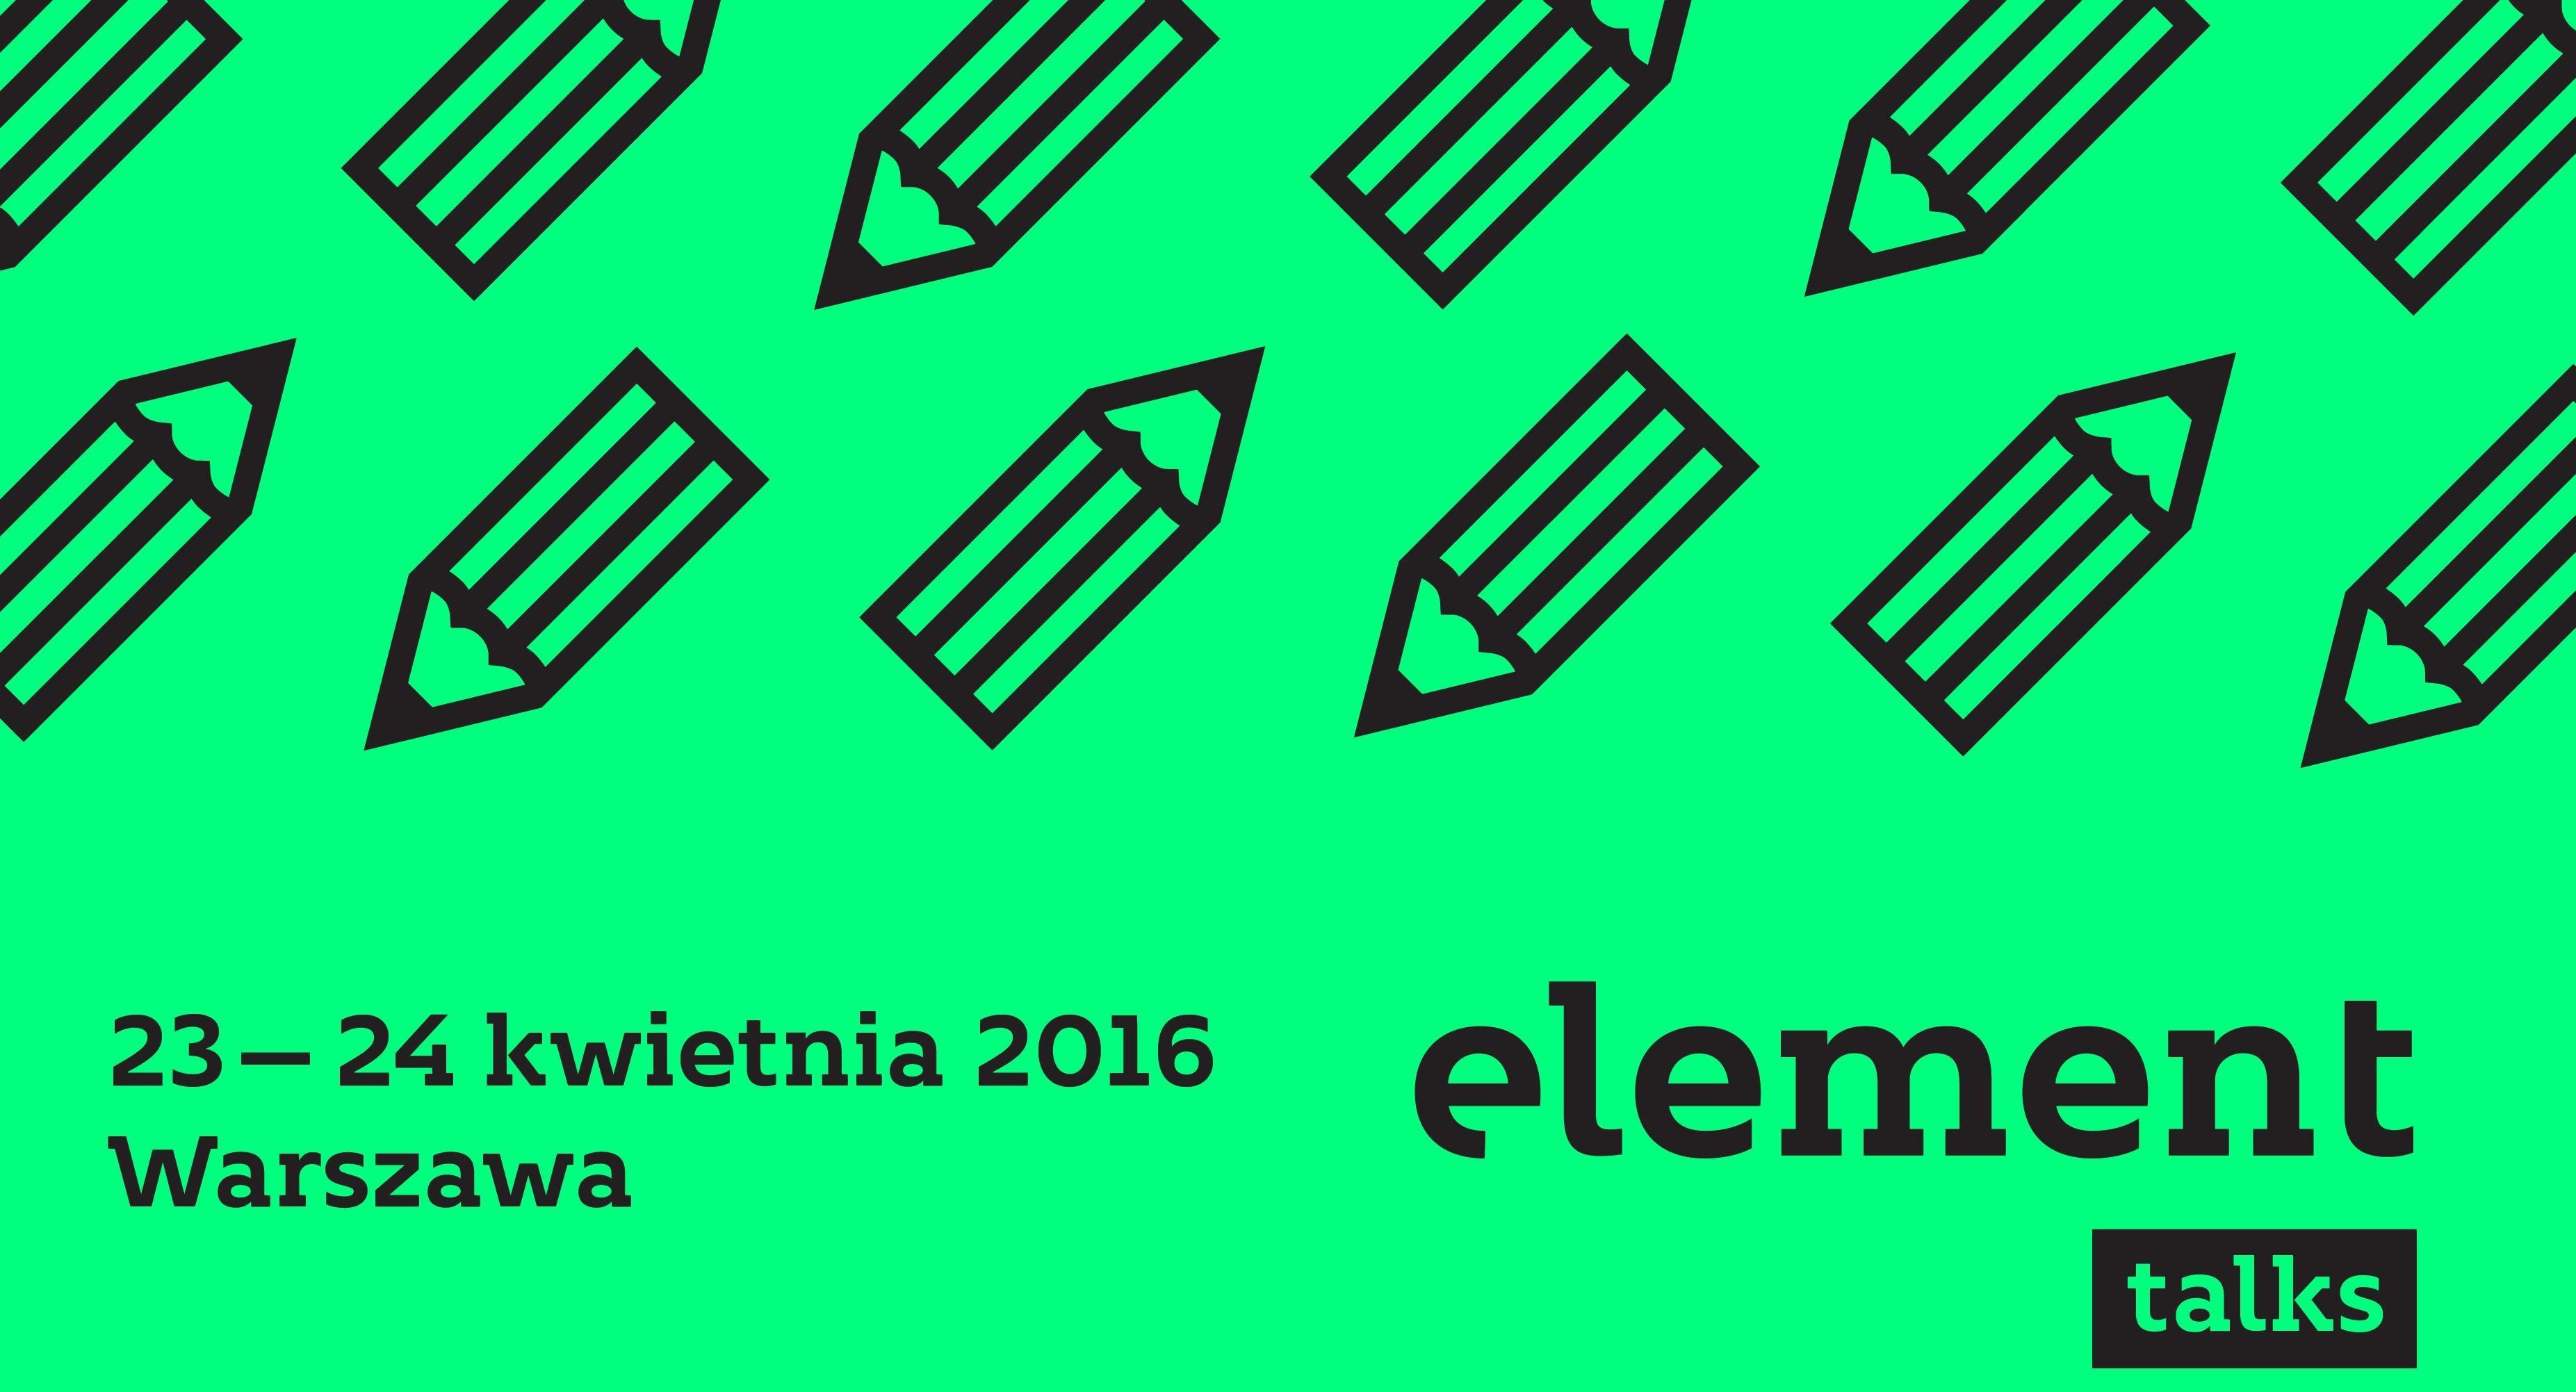 Elements Talk 2016